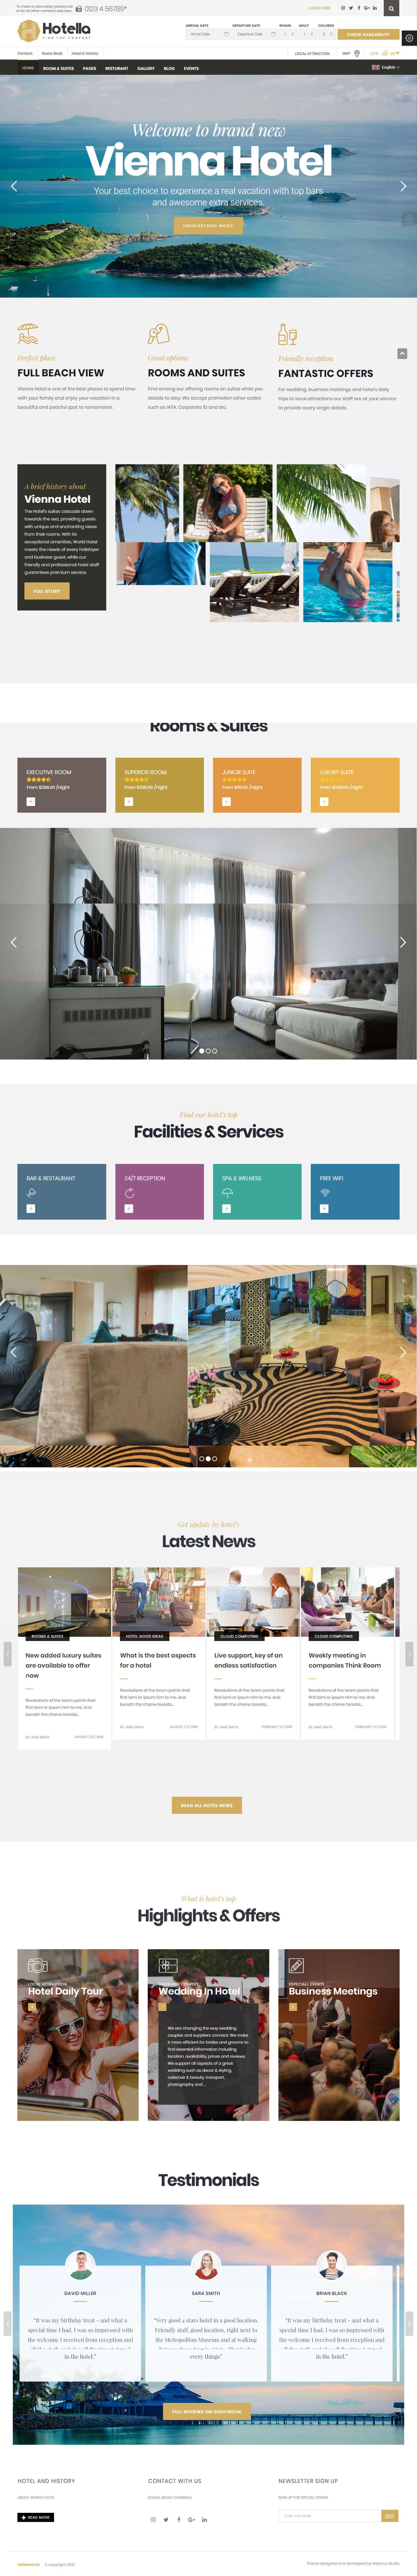 Thiết kế website khách sạn toàn thắng